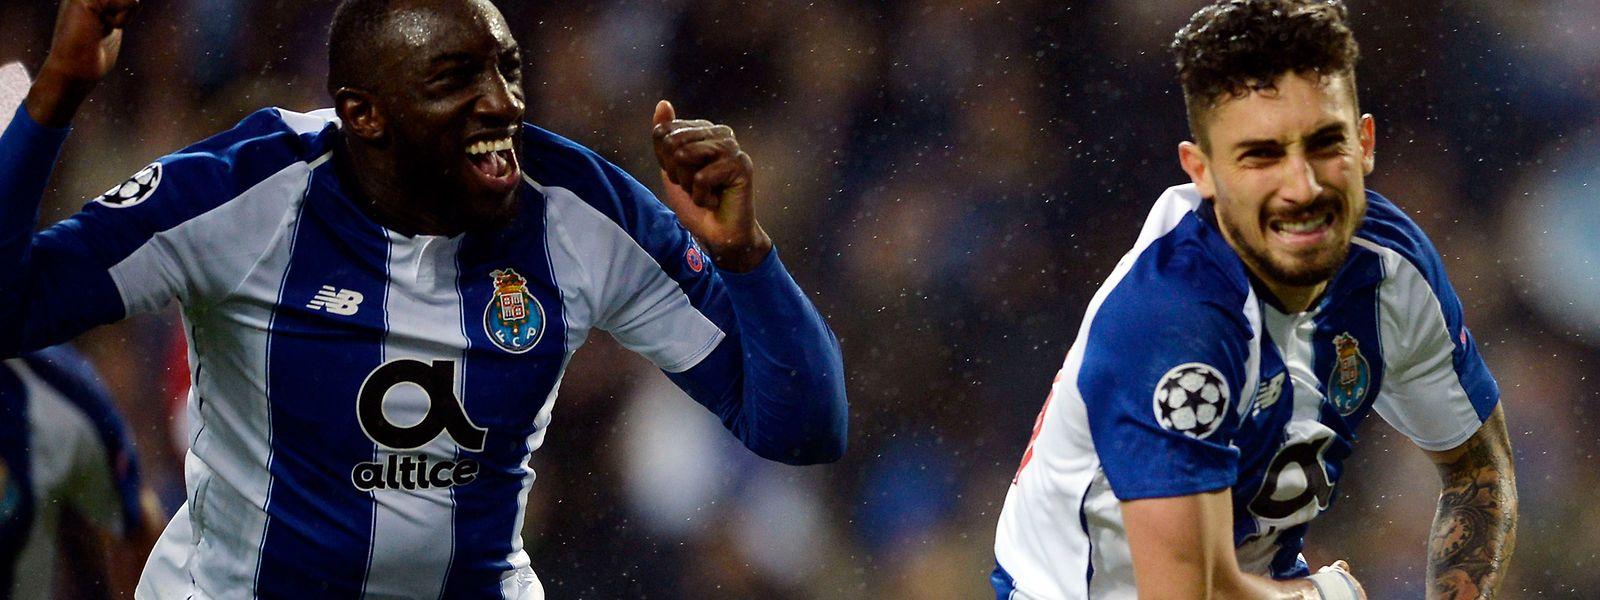 Alex Telles, à dta., marcou o golo que garantiu a passagem do FC Porto aos quartos de final da Liga dos Campeões.